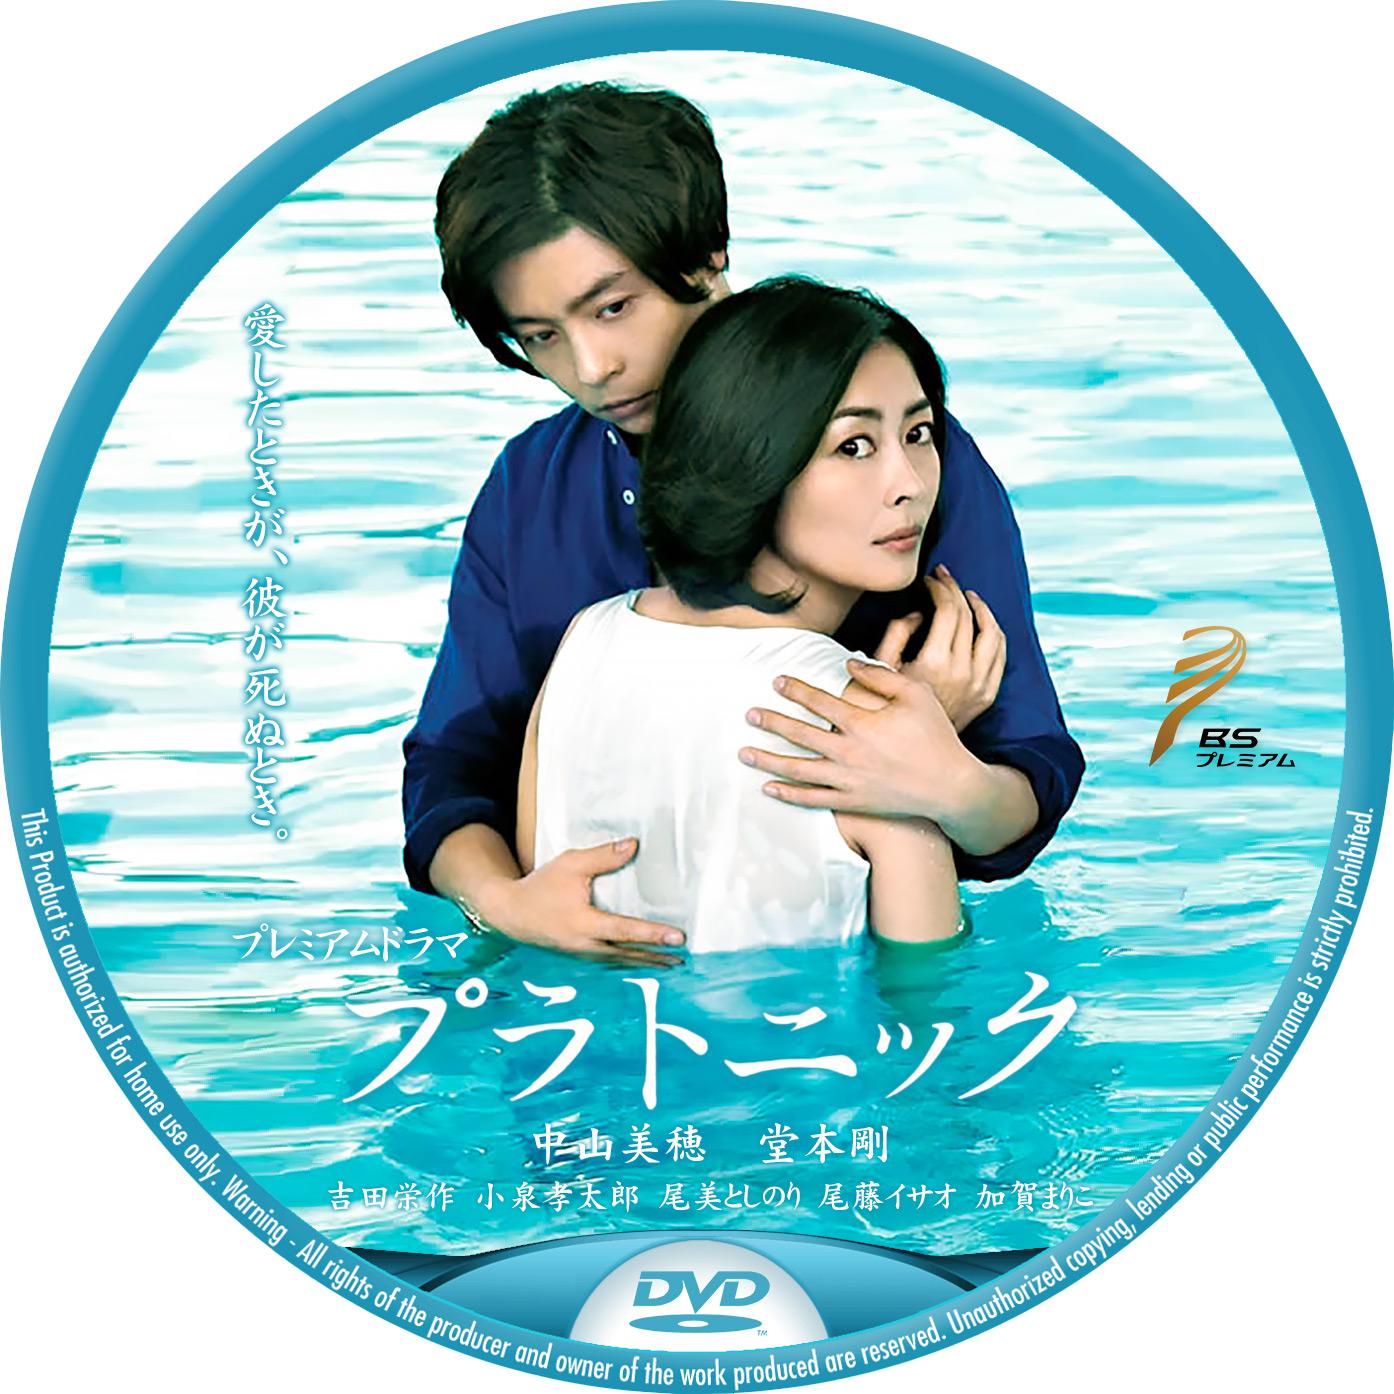 プラトニック NHK DVDラベル